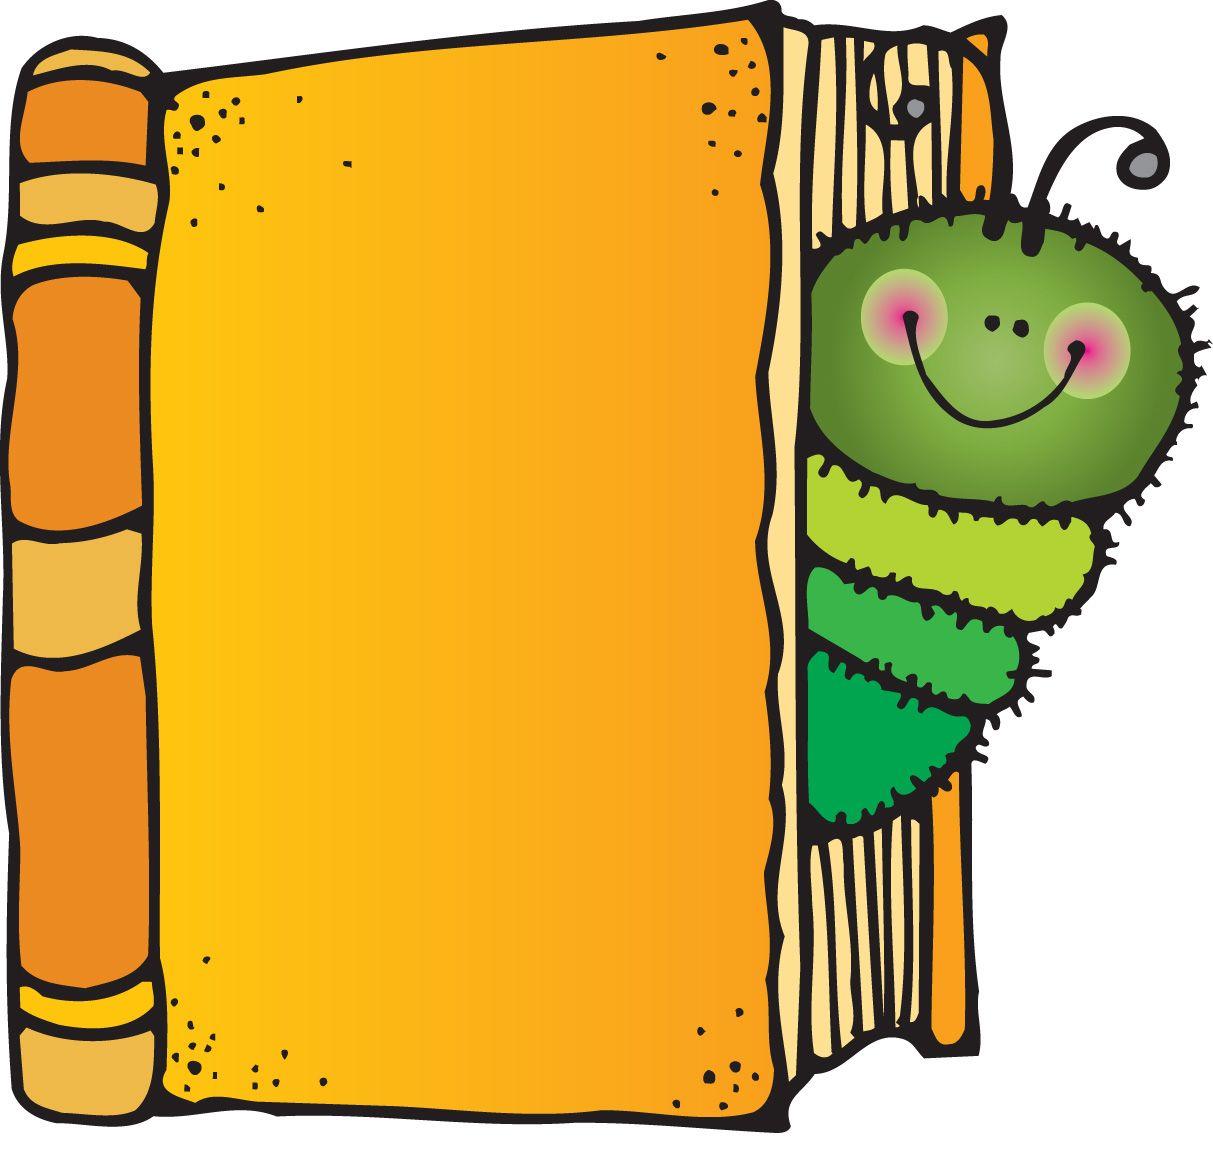 Mrs Ayala S Kinder Fun El Dia De Los Ninos El Dia De Los Libros Children S Day Book Book Clip Art Free Clip Art Clip Art